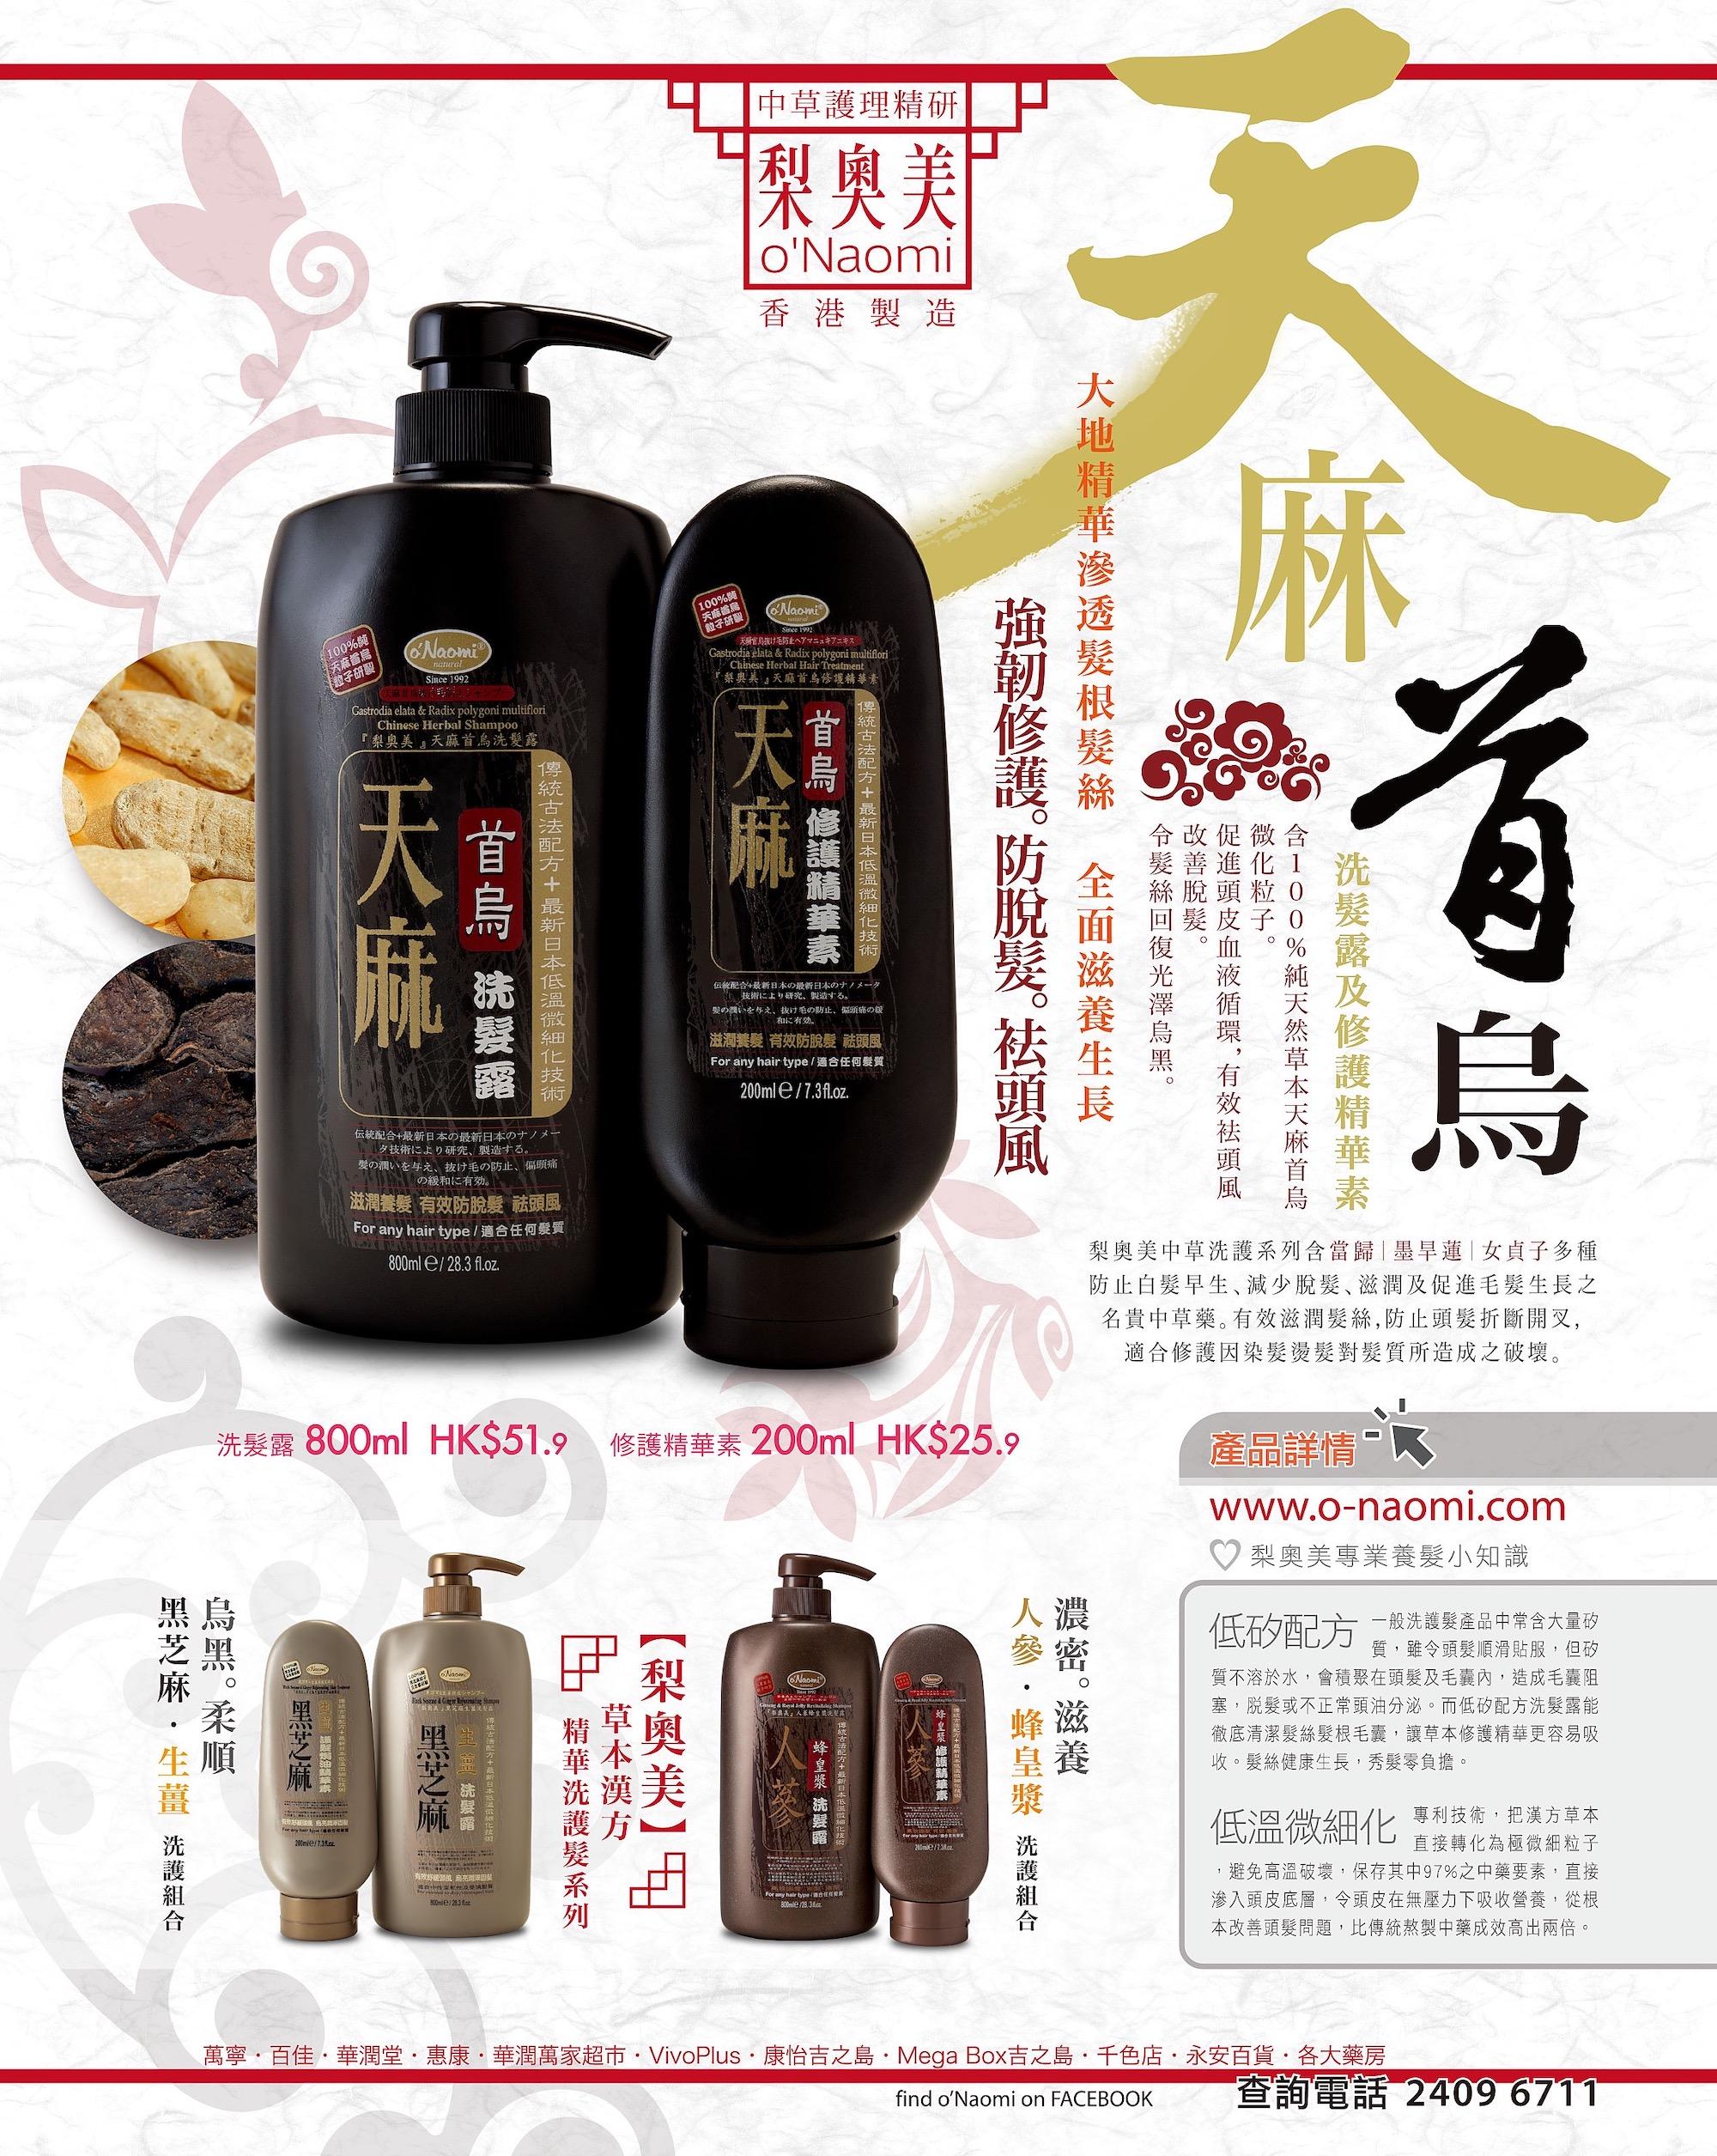 Onaomi Chinese Herbal Shampoo 01